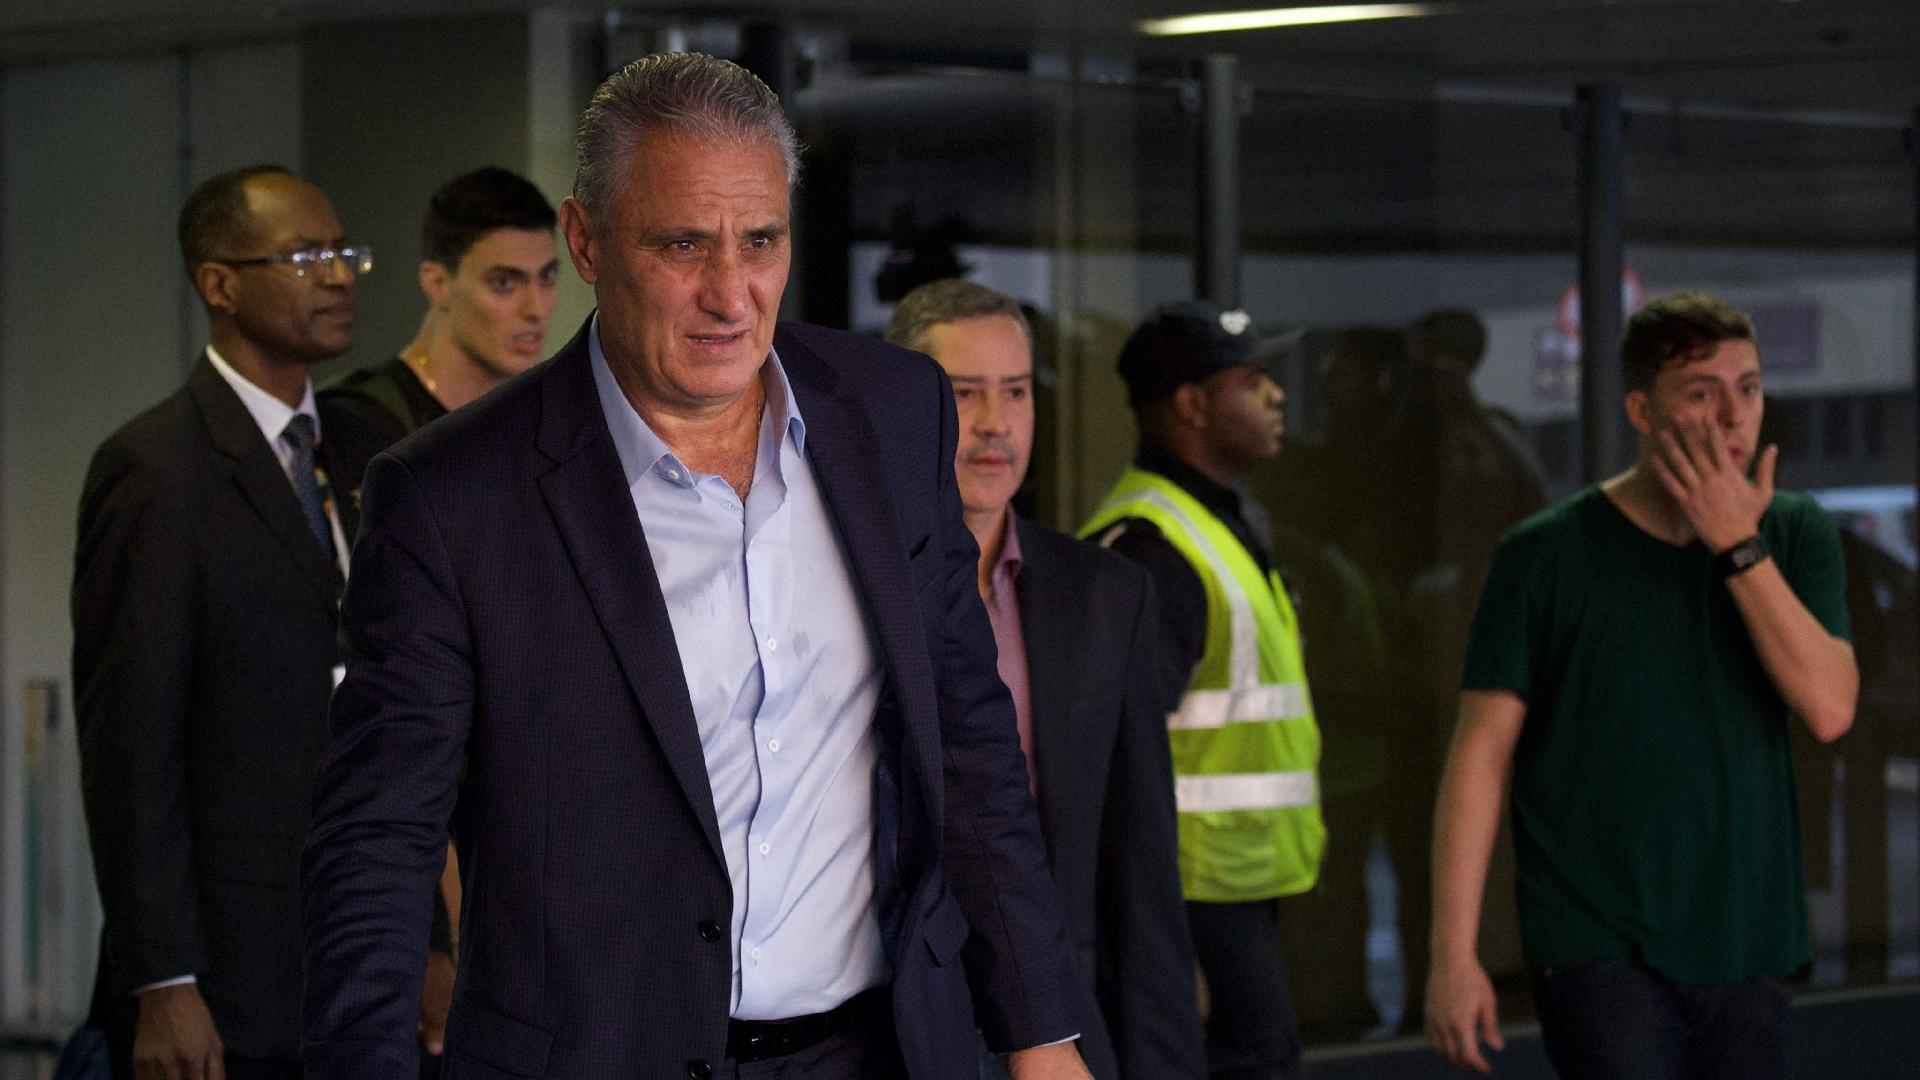 Tite desembarca no Rio de Janeiro após comandar Brasil na Copa do Mundo da Rússia